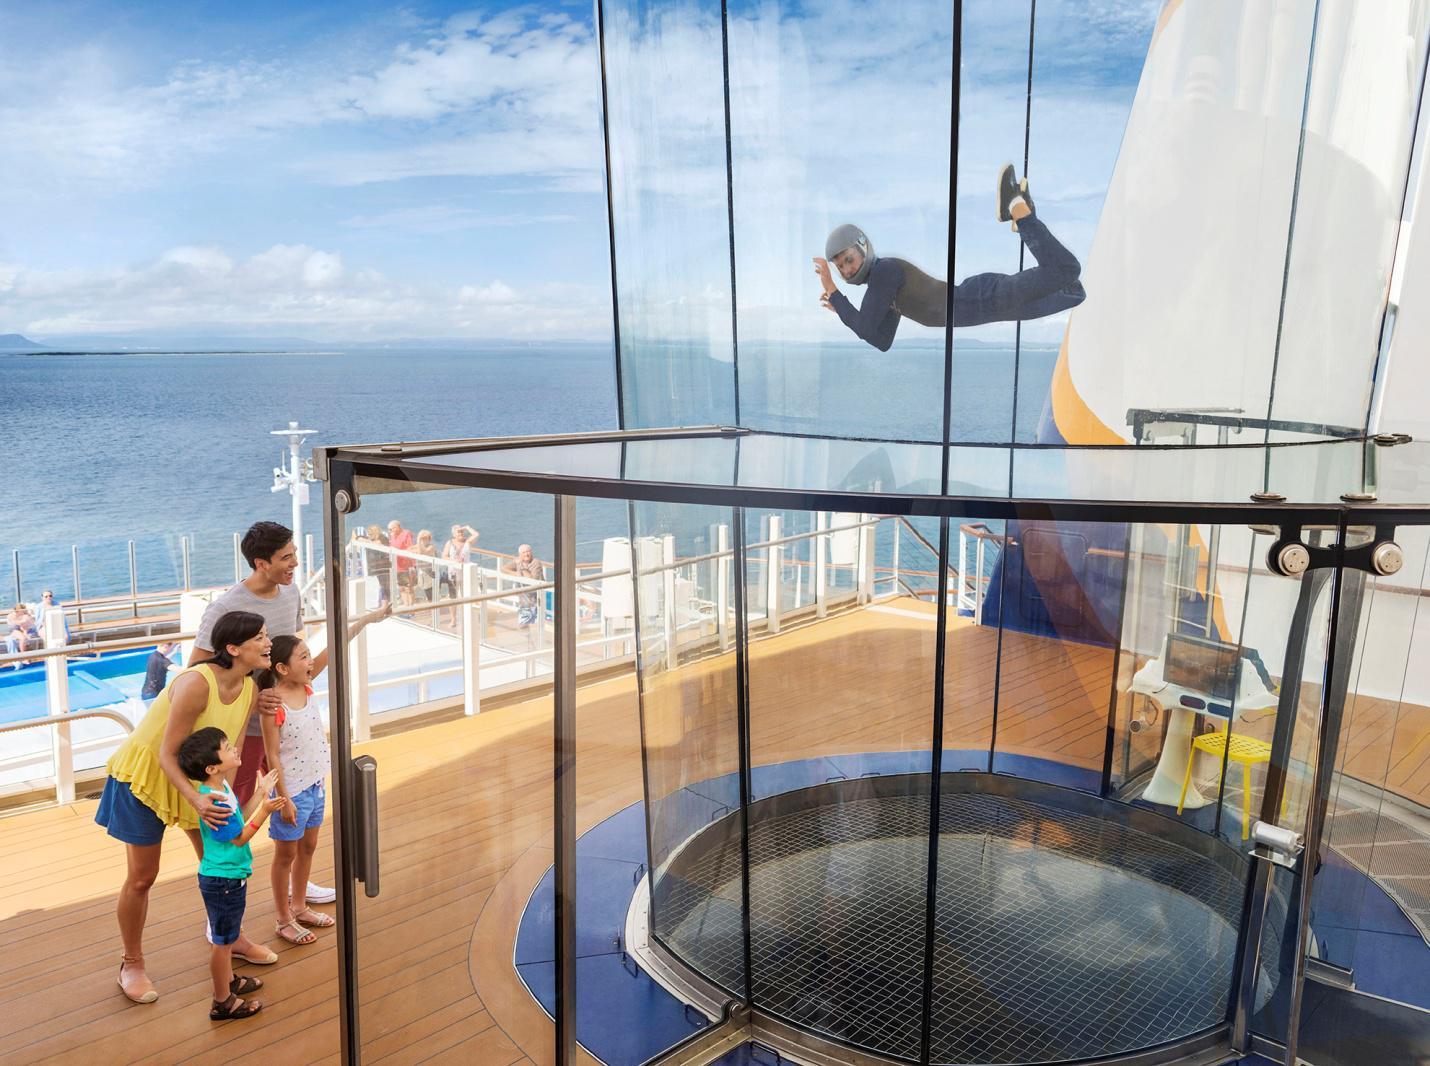 皇家加勒比游轮初体验,打卡海洋量子号精彩时刻!